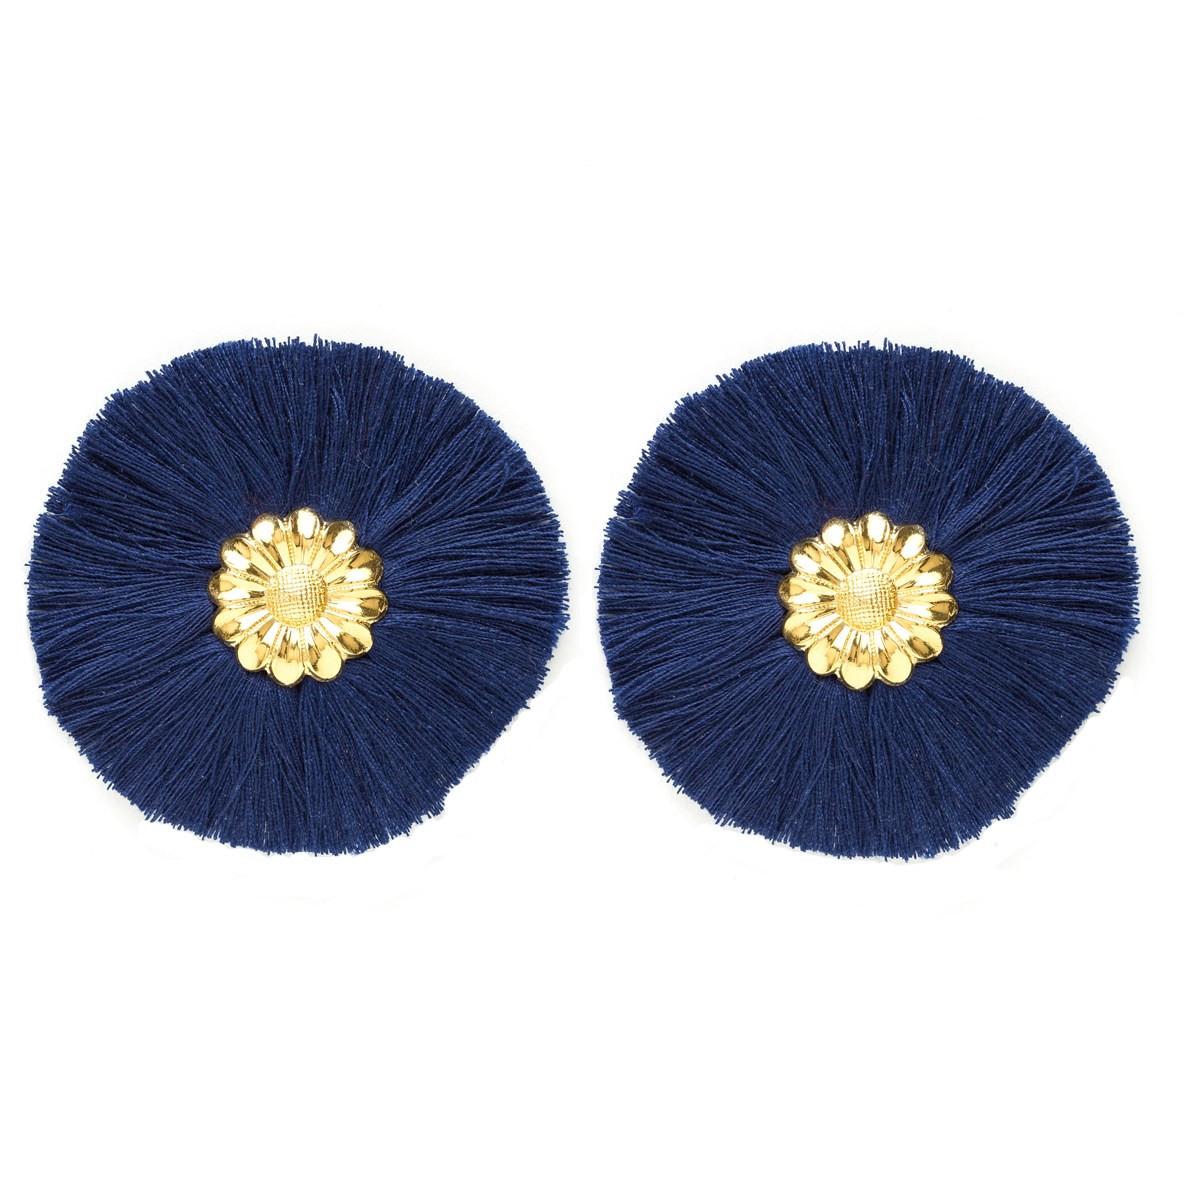 boucle d'oreille bleu marine femme